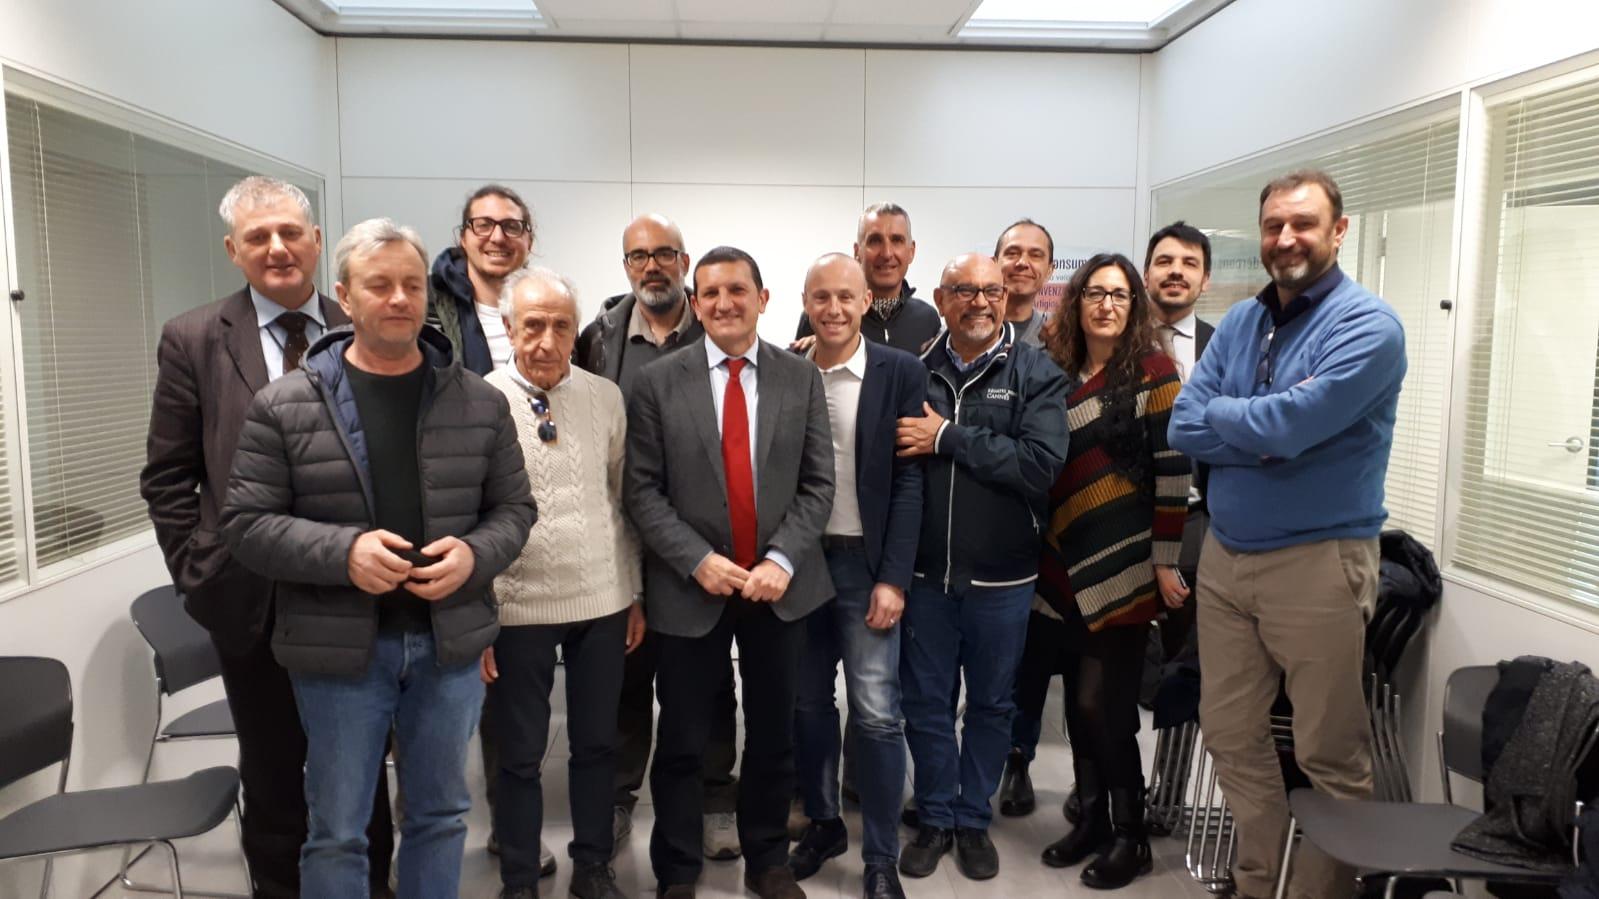 Indagine nazionale sulla nautica: da Follonica arriva il contributo della Toscana